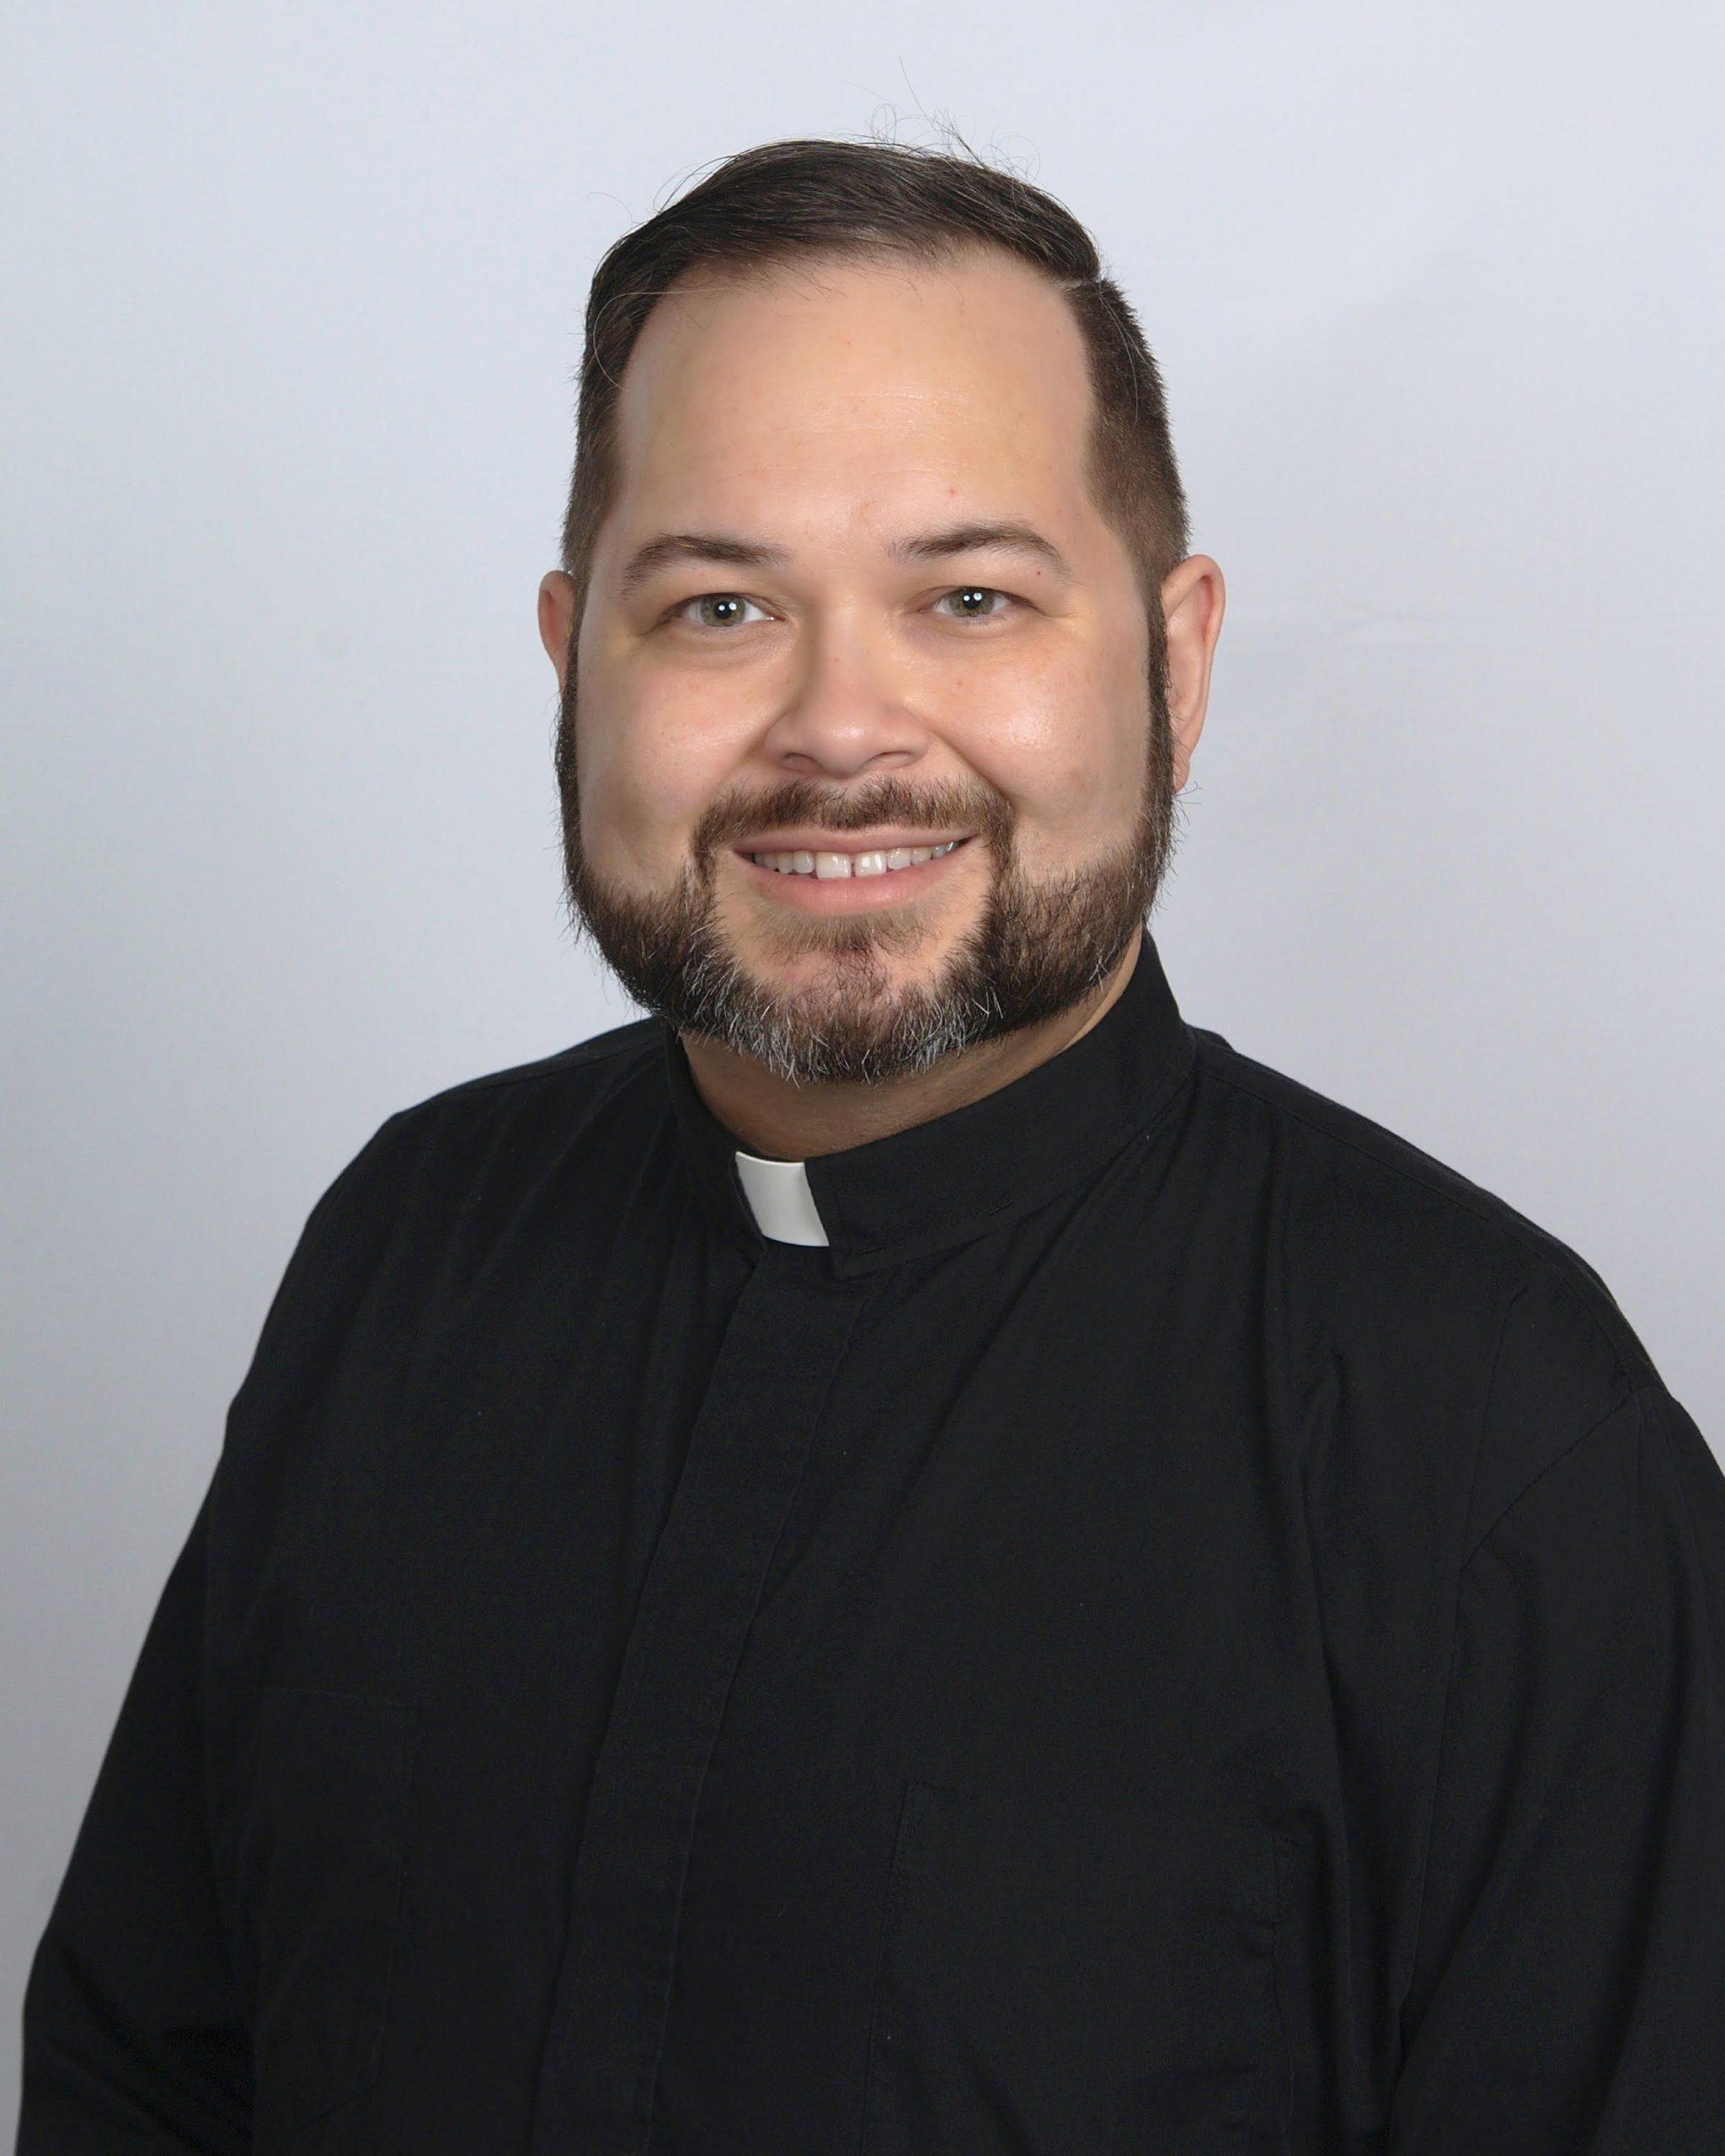 El Reverendo Jose Rodriguez